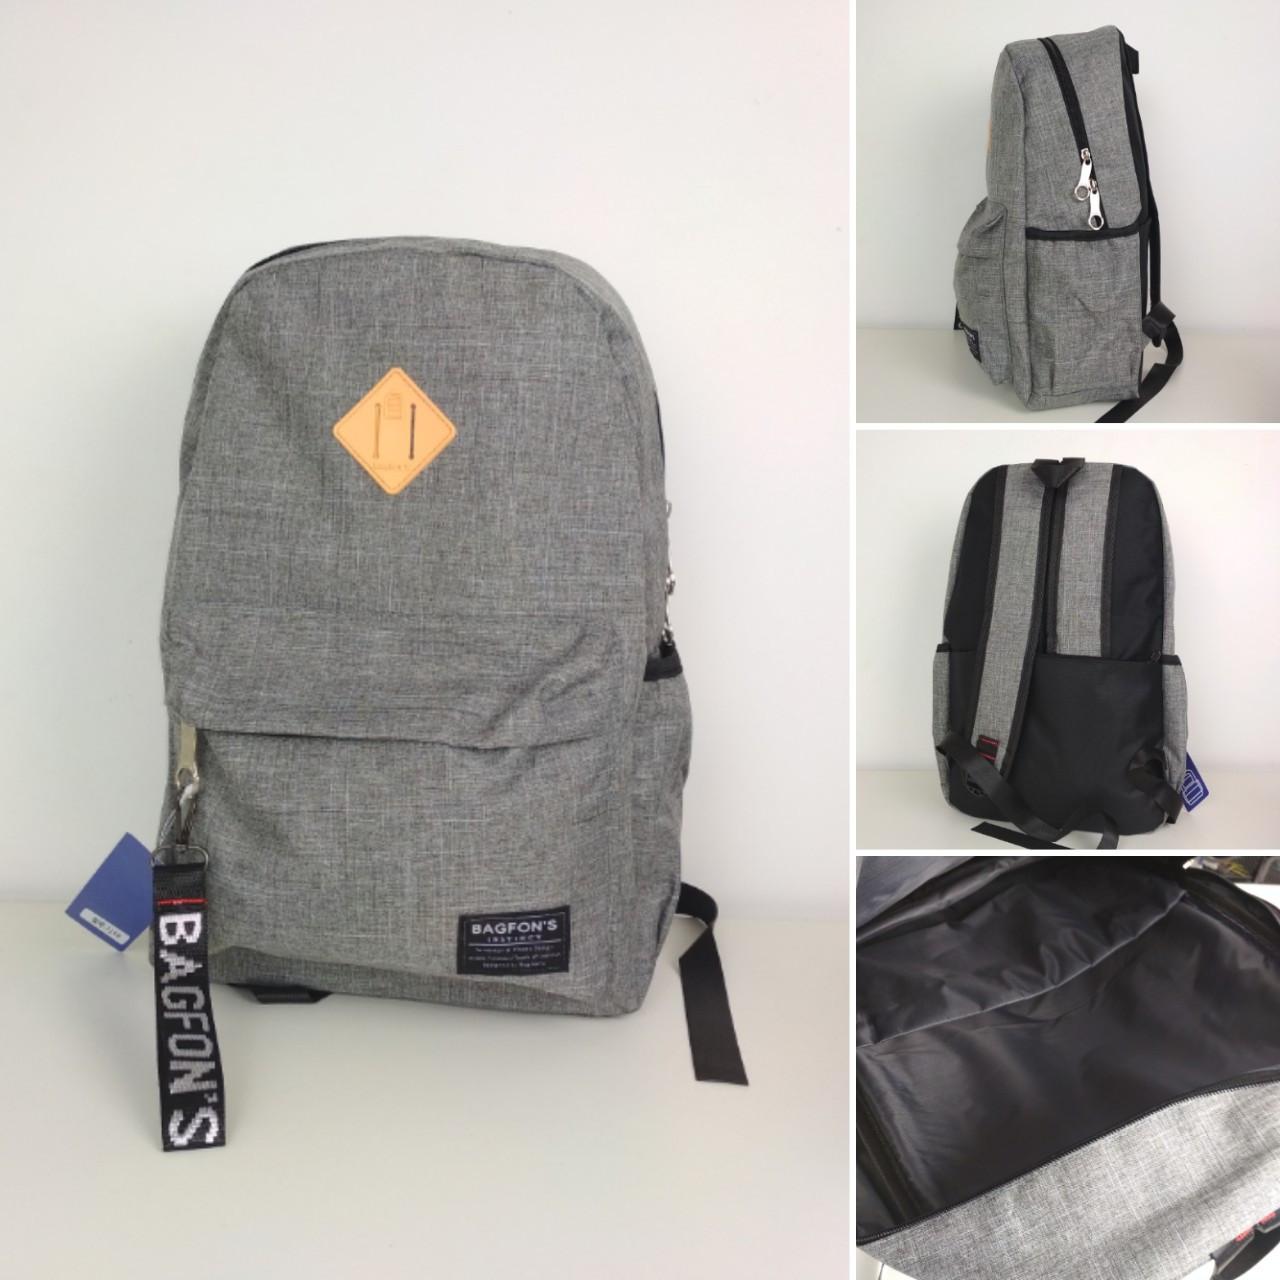 Городской подростковый рюкзак серого цвета 45*30*18 см